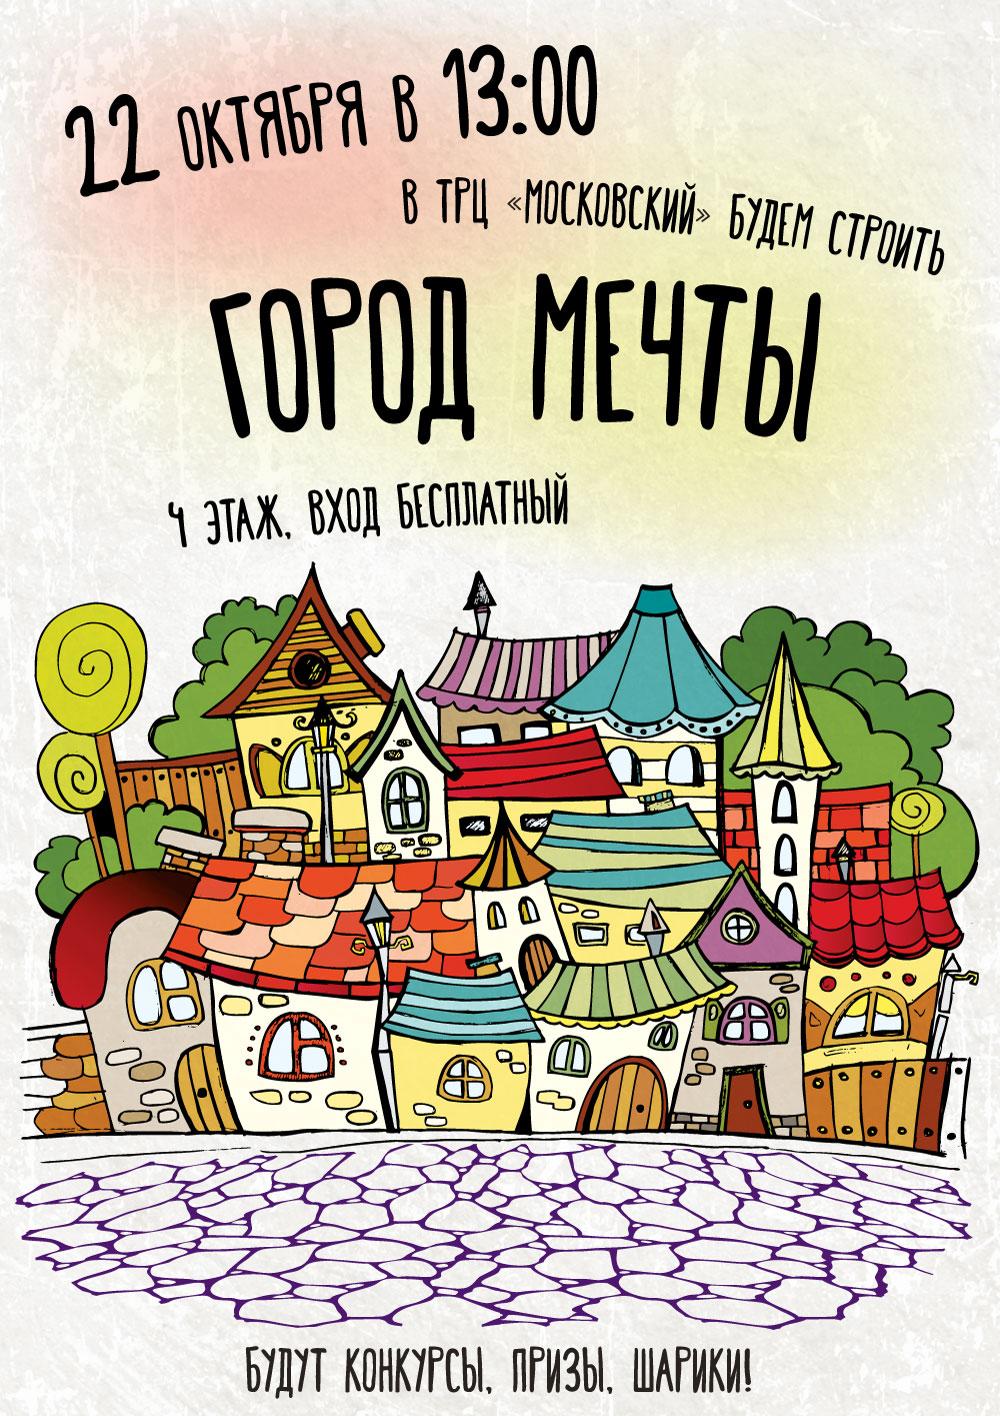 «Город мечты» на 4-м этаже ТРЦ «Московский»